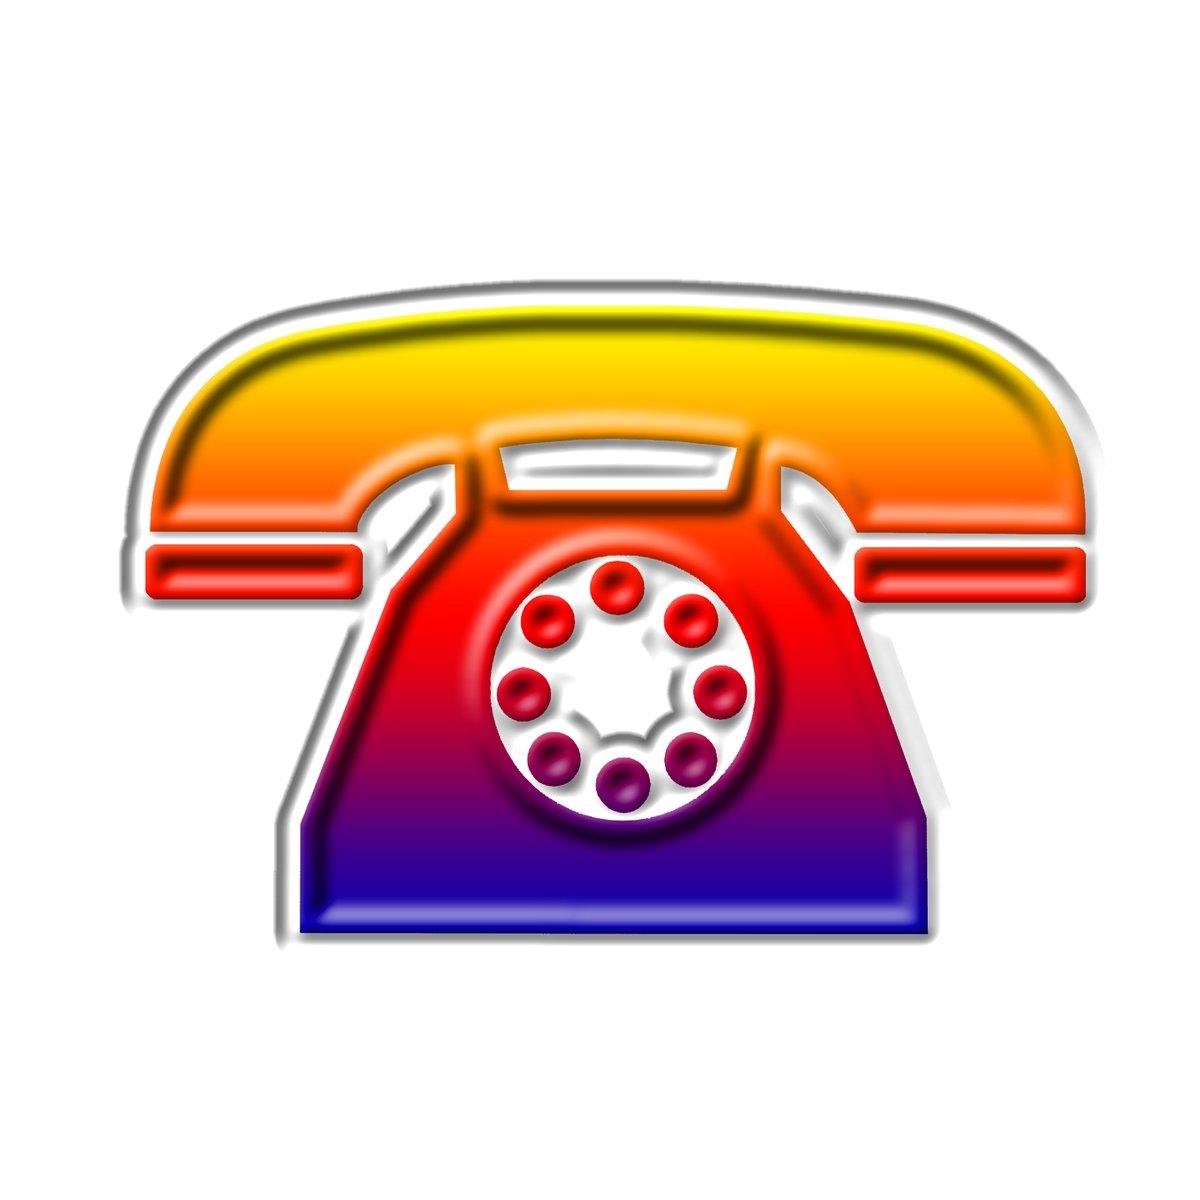 AUSFALL unserer Telefonanlage 10.09. bis 13.09.21